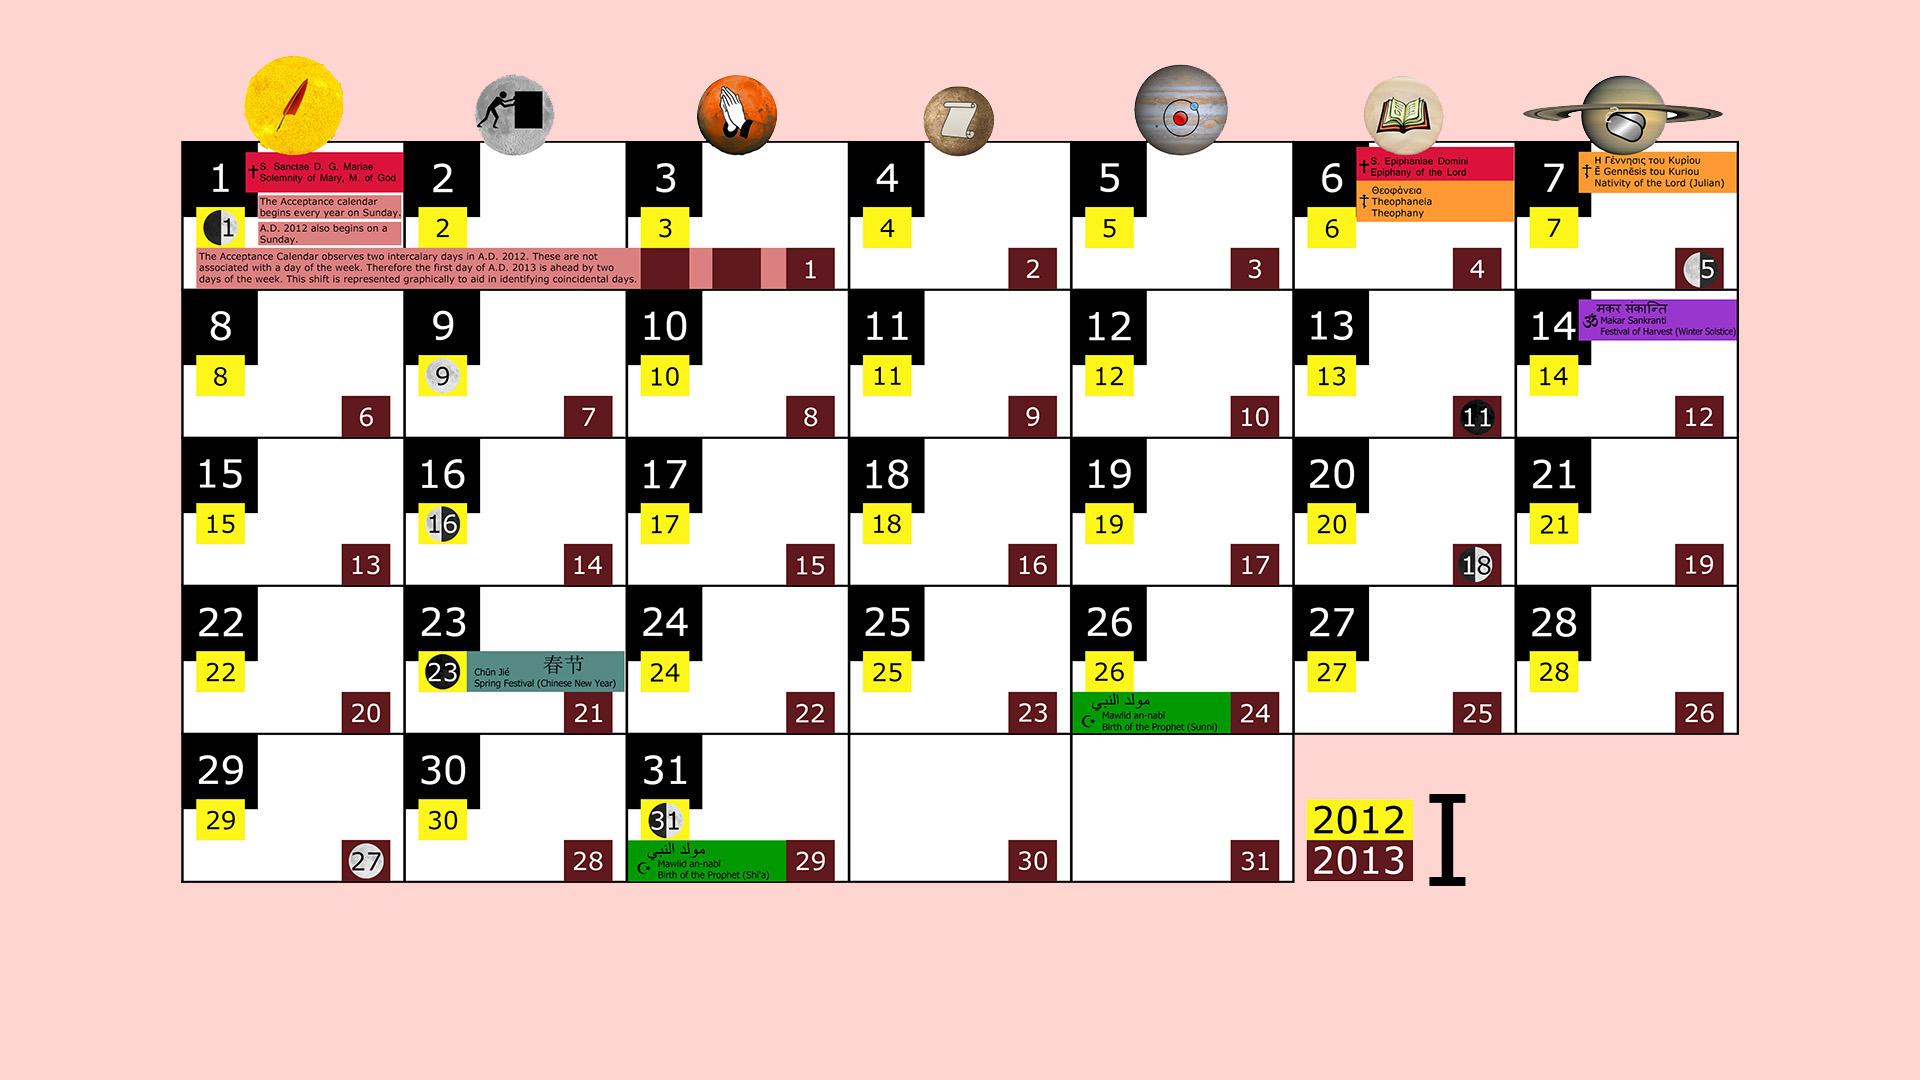 Miesięczny kalendarz świąt na styczeń 2012 and 2013 na różowym tle